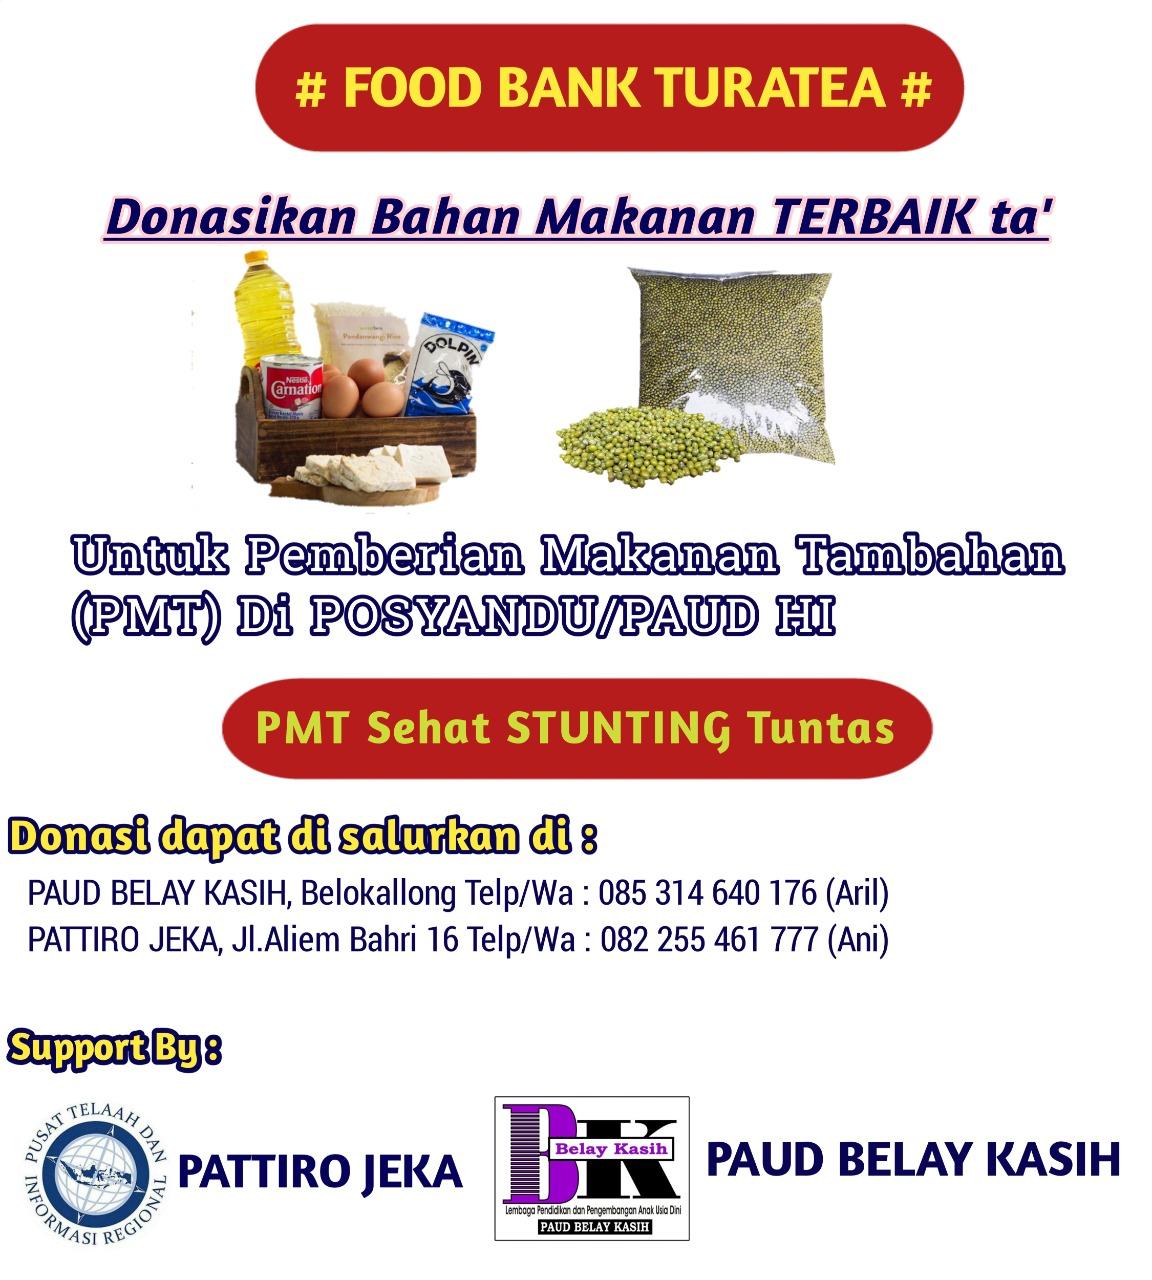 Bekerjasama PAUD BELAI KASIH, PATTIRO JEKA Akan Launching Food Bank Turatea